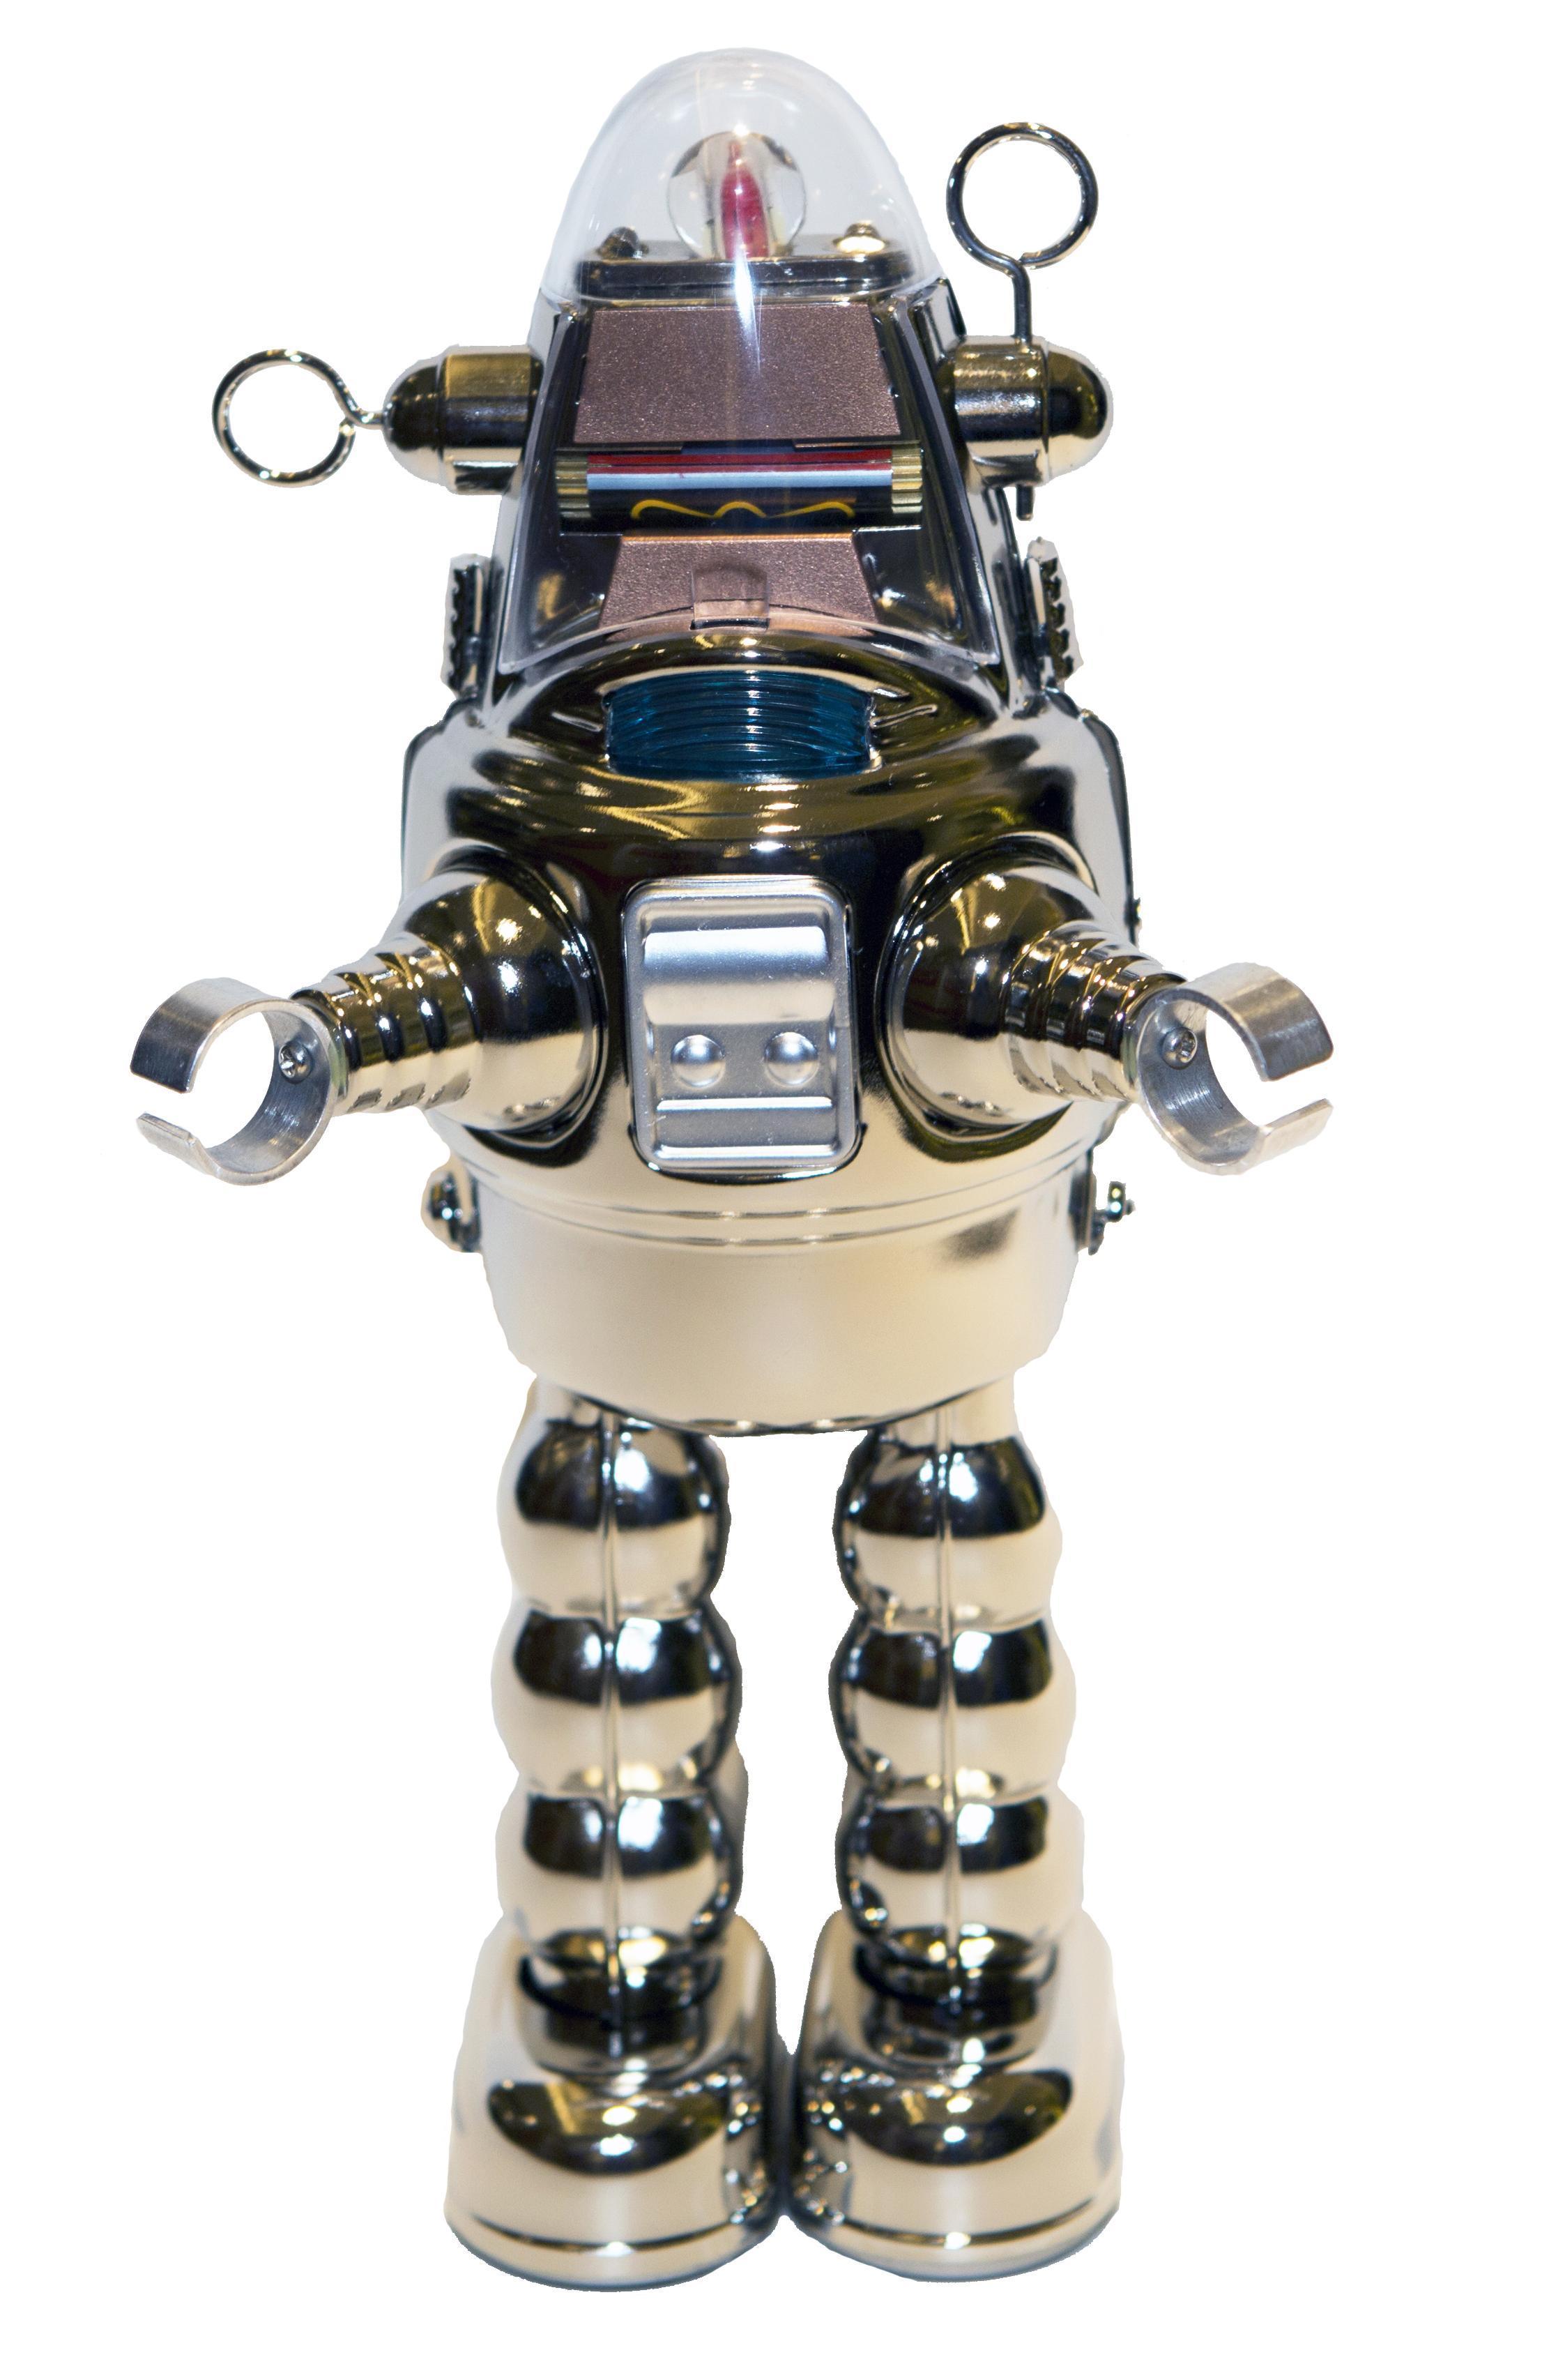 MECHANIZED II ROBBY THE ROBOT